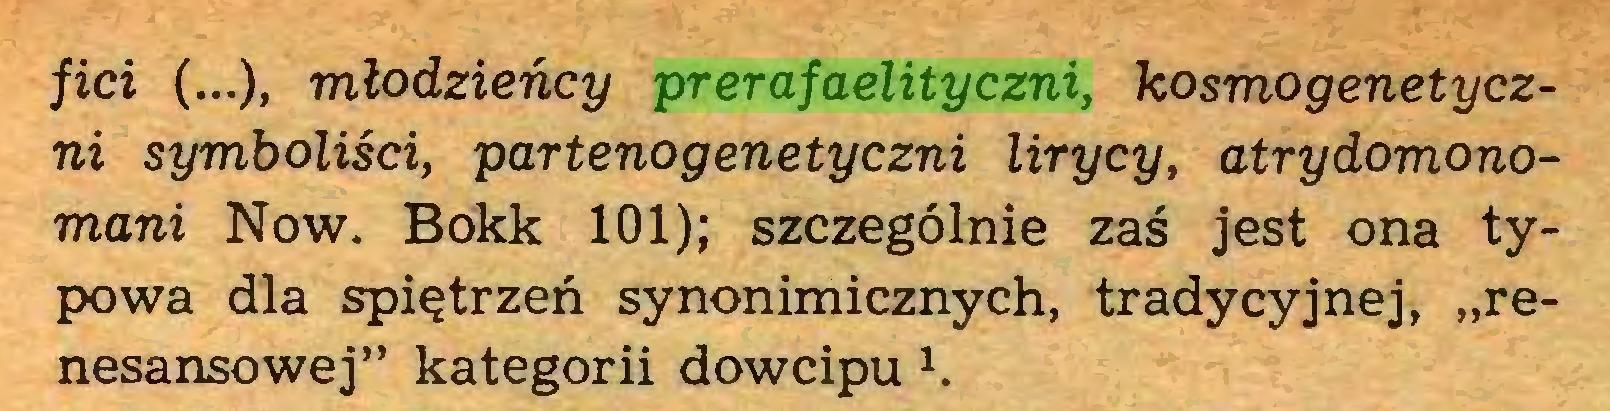 """(...) fici (...), młodzieńcy prerafaelityczni, kosmogenetyczni symboliści, partenogenetyczni lirycy, atrydomonomani Now. Bokk 101); szczególnie zaś jest ona typowa dla spiętrzeń synonimicznych, tradycyjnej, """"renesansowej"""" kategorii dowcipu 1..."""